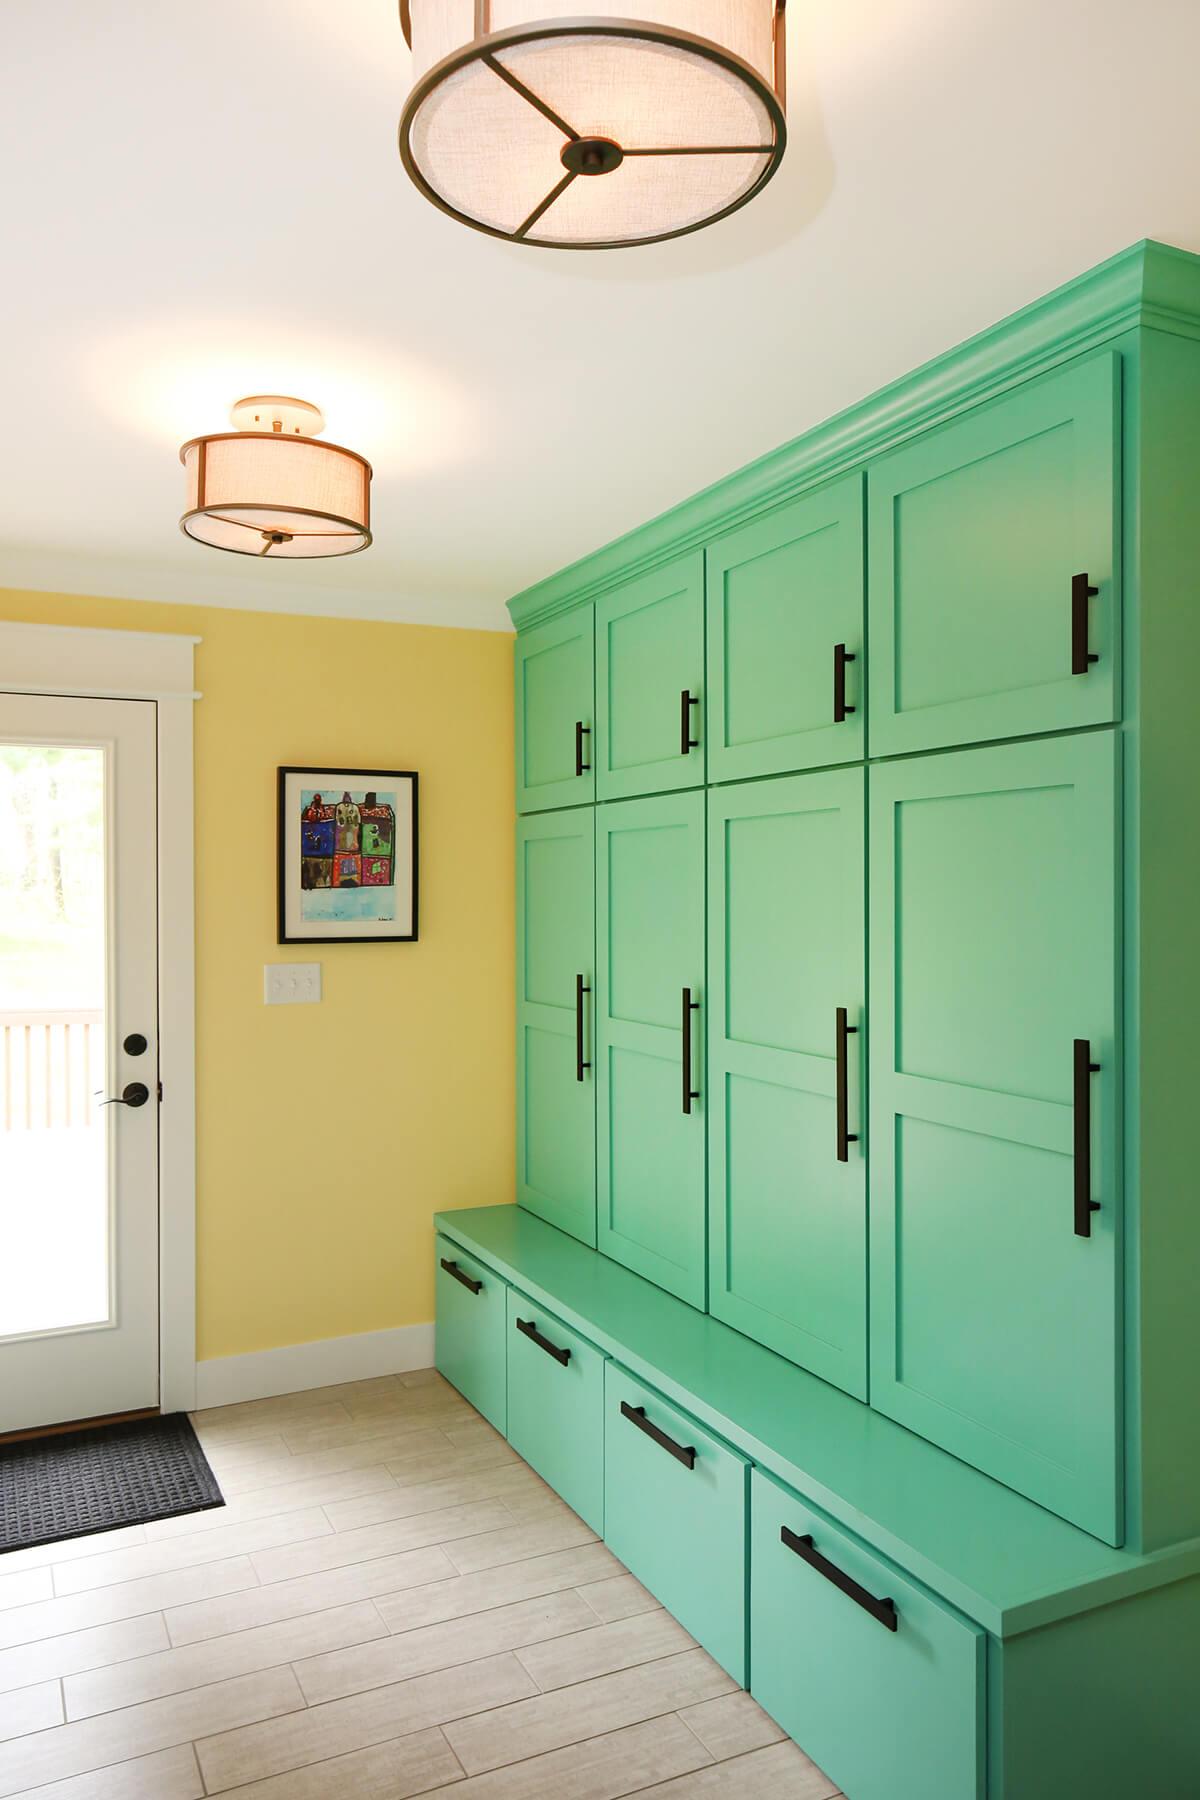 Casiers vert vif et banc intégré